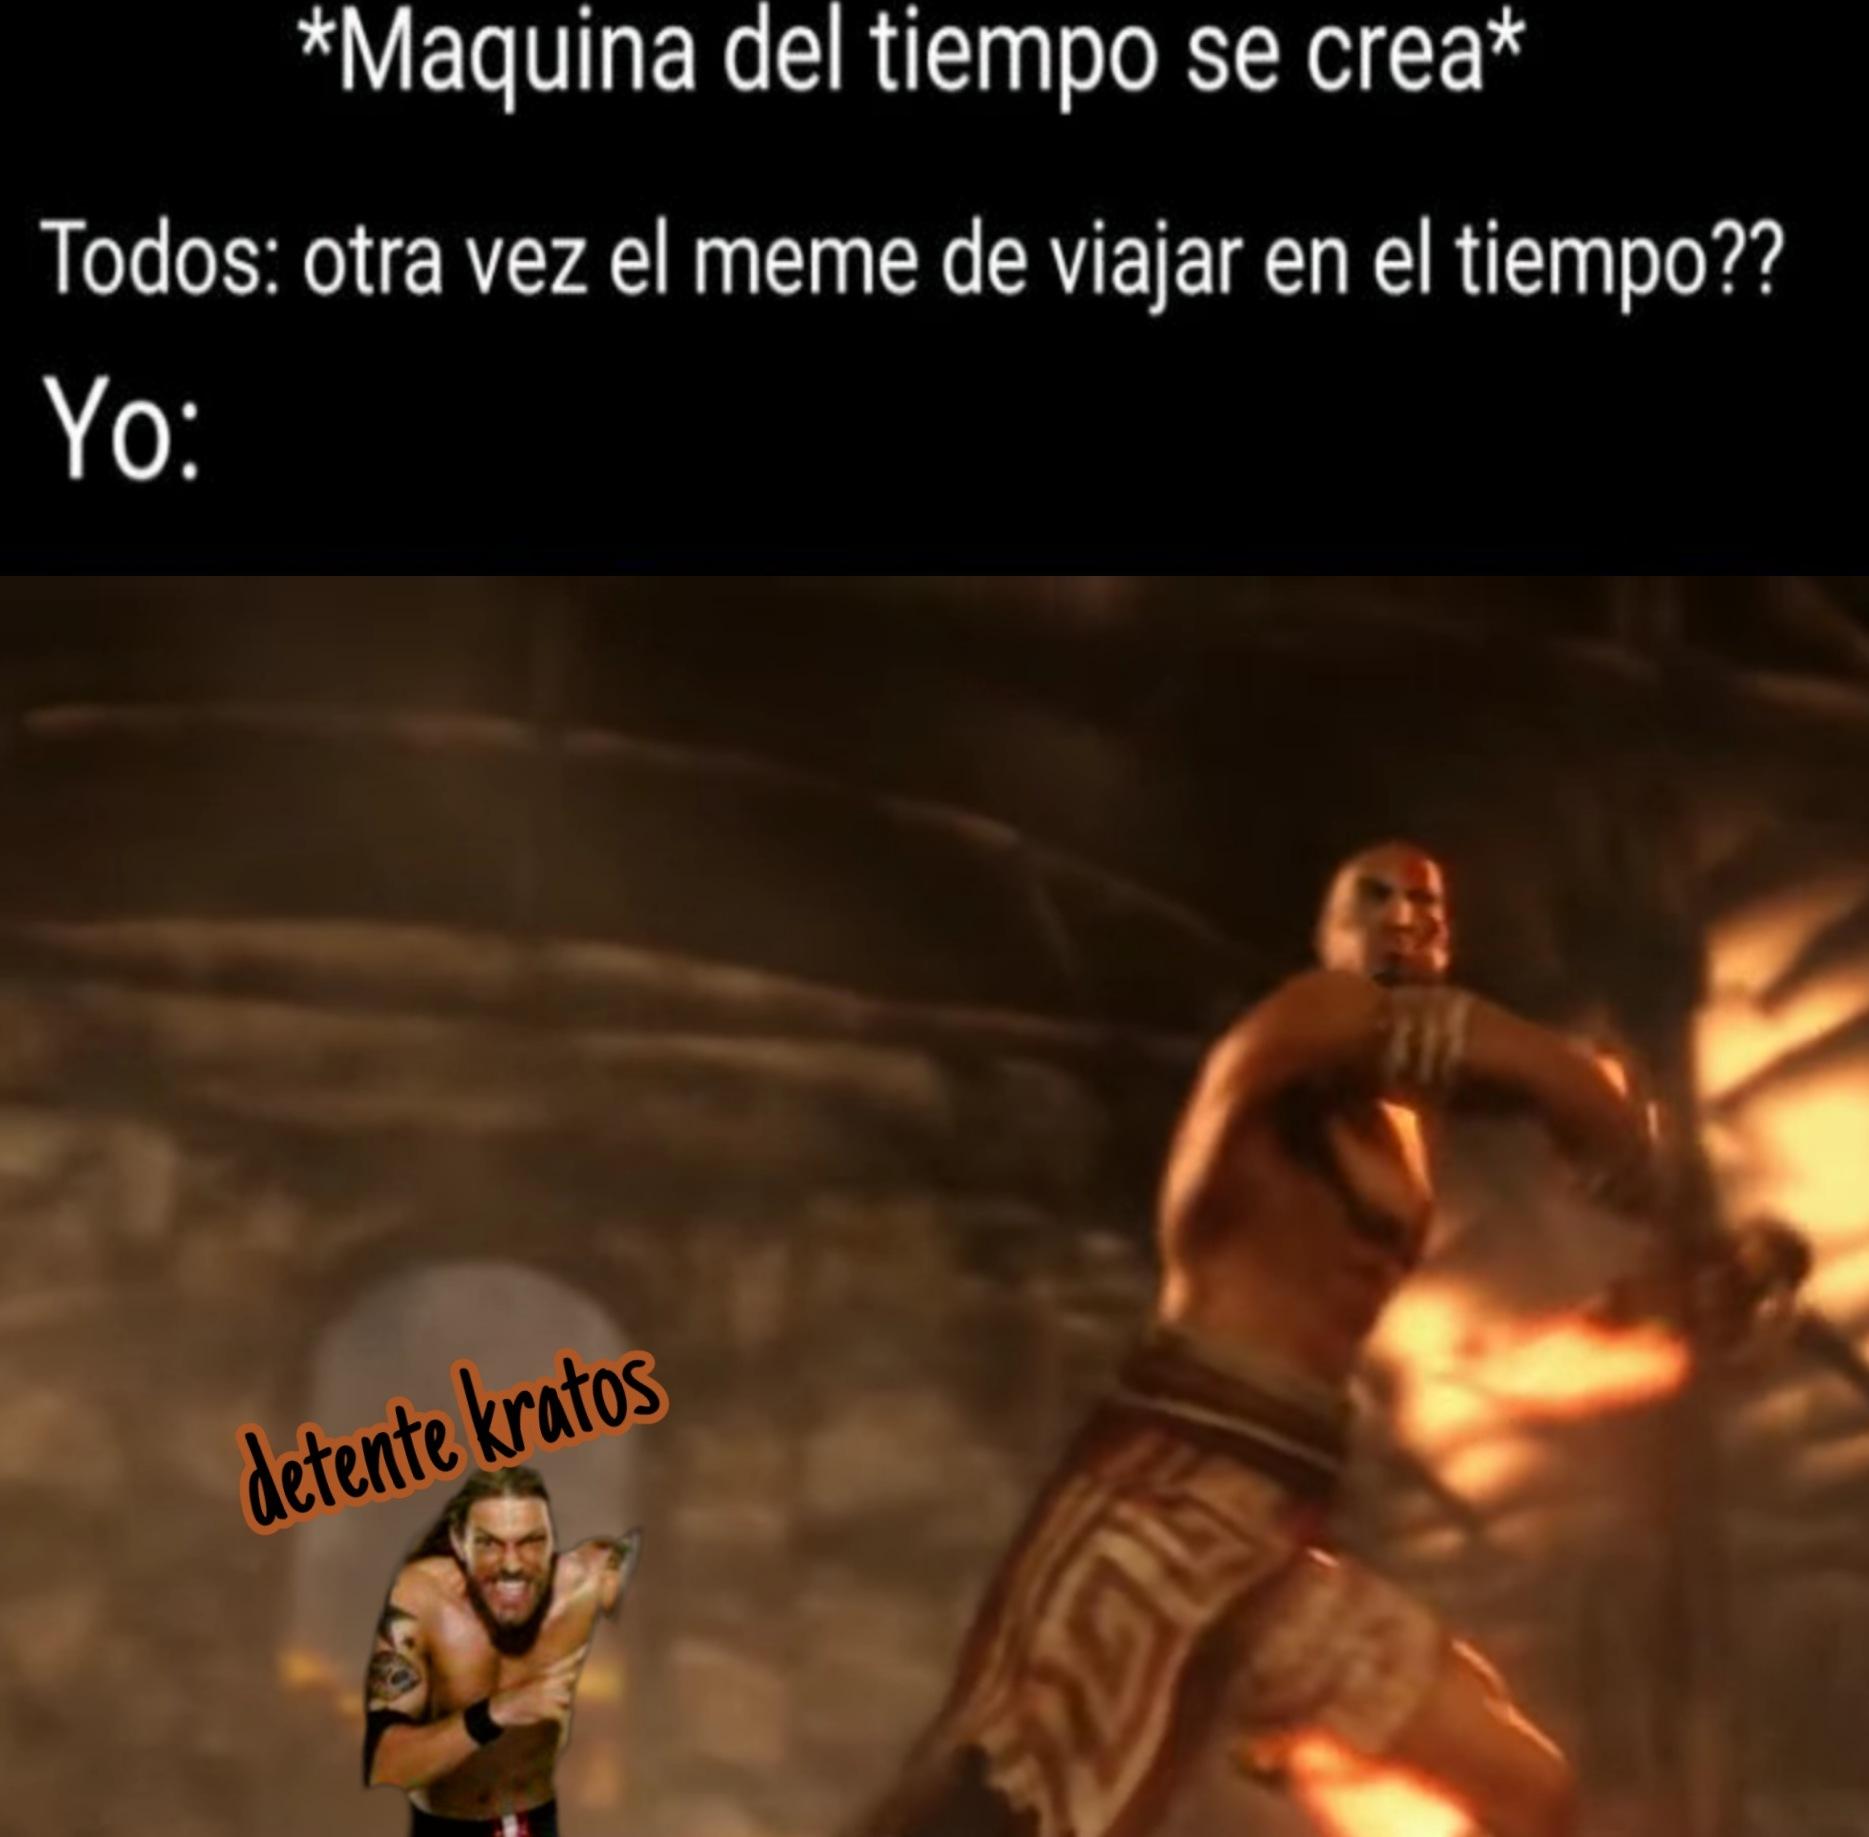 Pero kratos no lo mataría en el acto ¯\_(ツ)_/¯ - meme